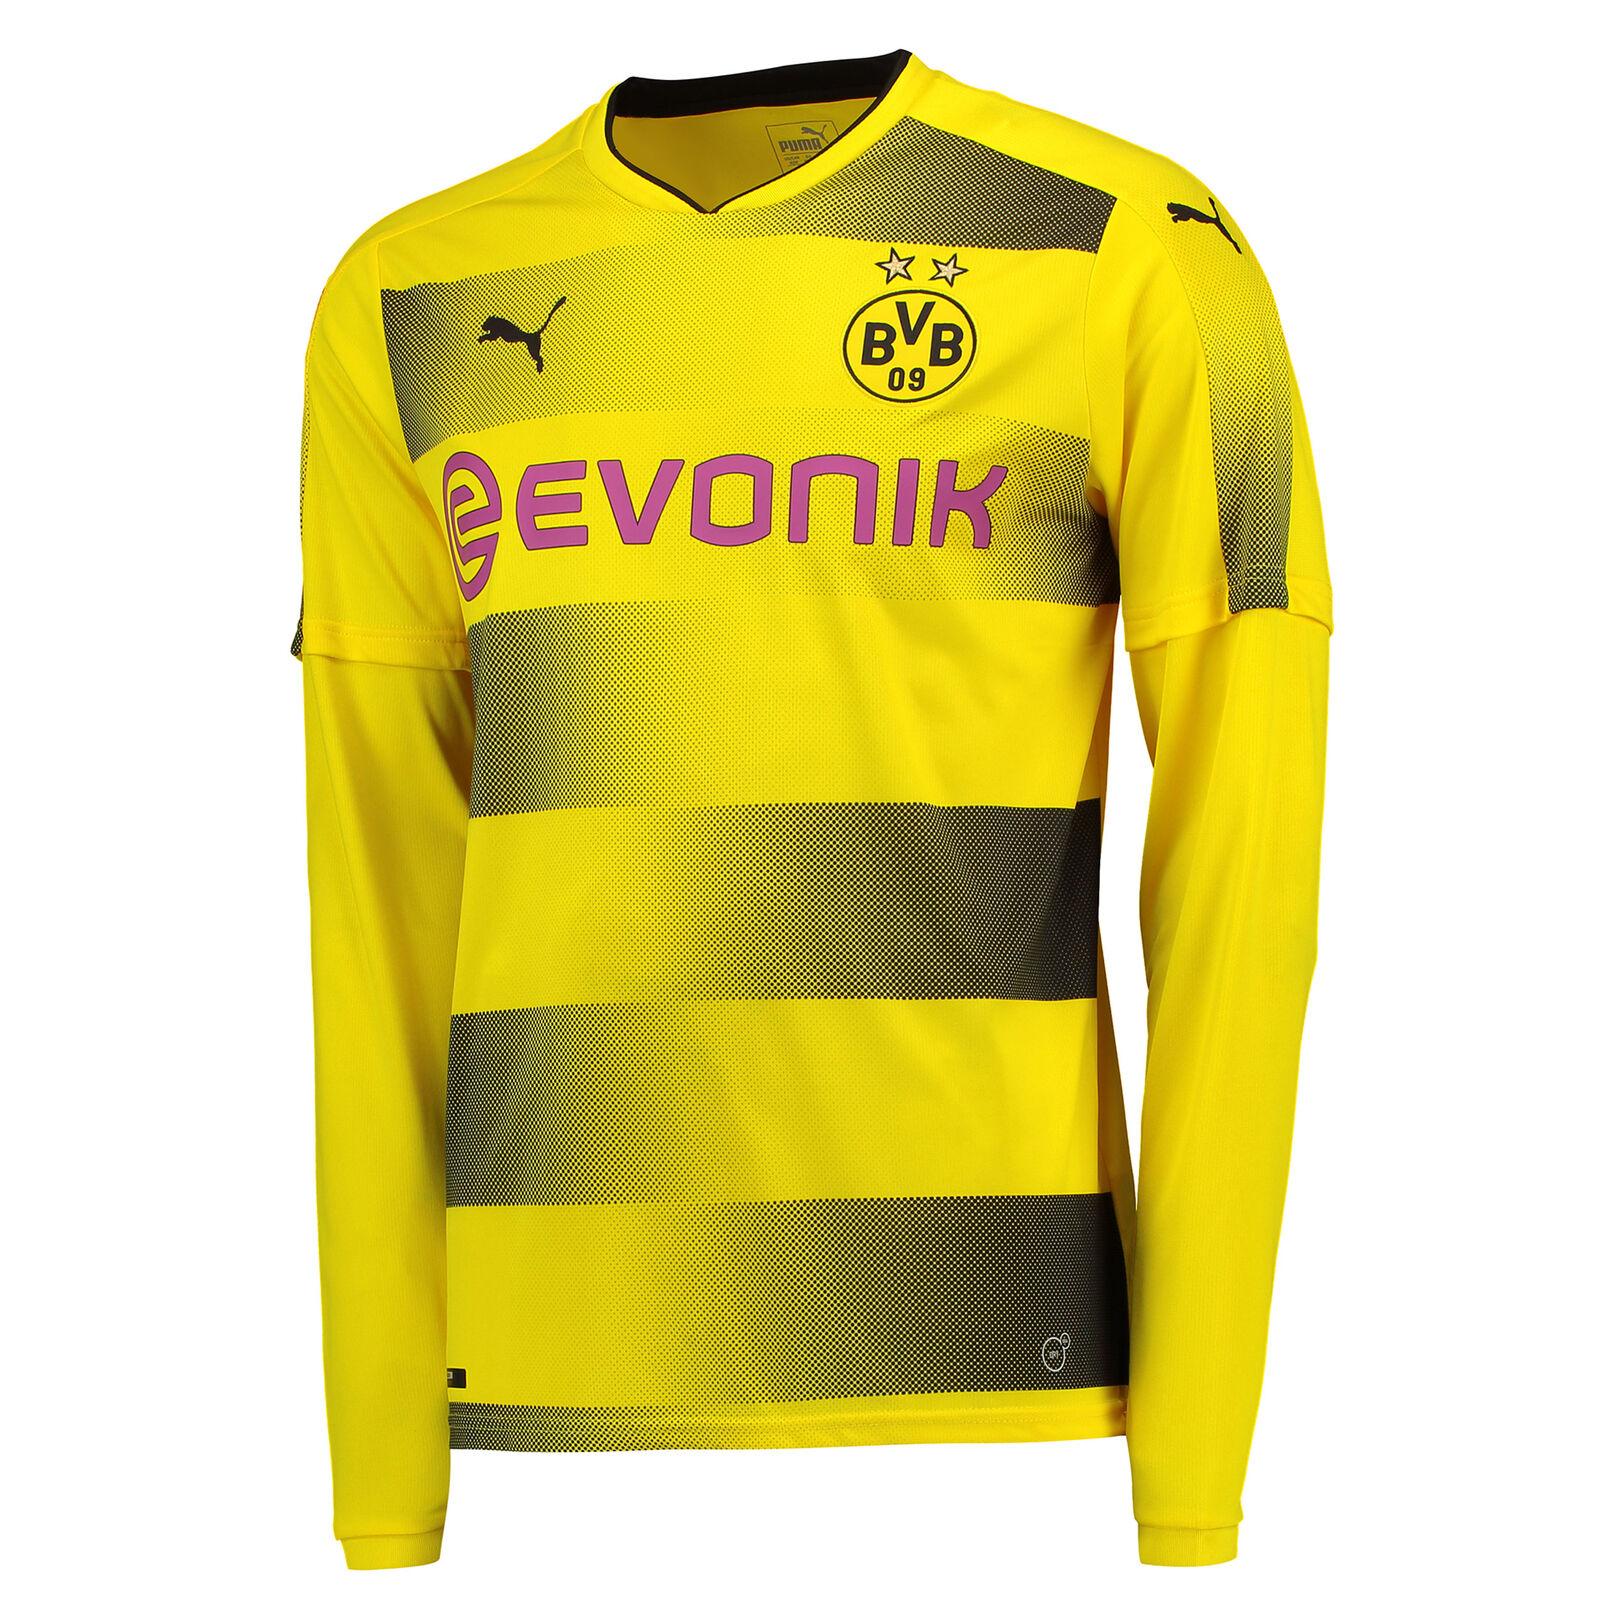 BVB Borussia Dortmund Heim Shirt Sportshirt Herren Oberteil 2017/18 Langarm Herren Sportshirt Puma f06267